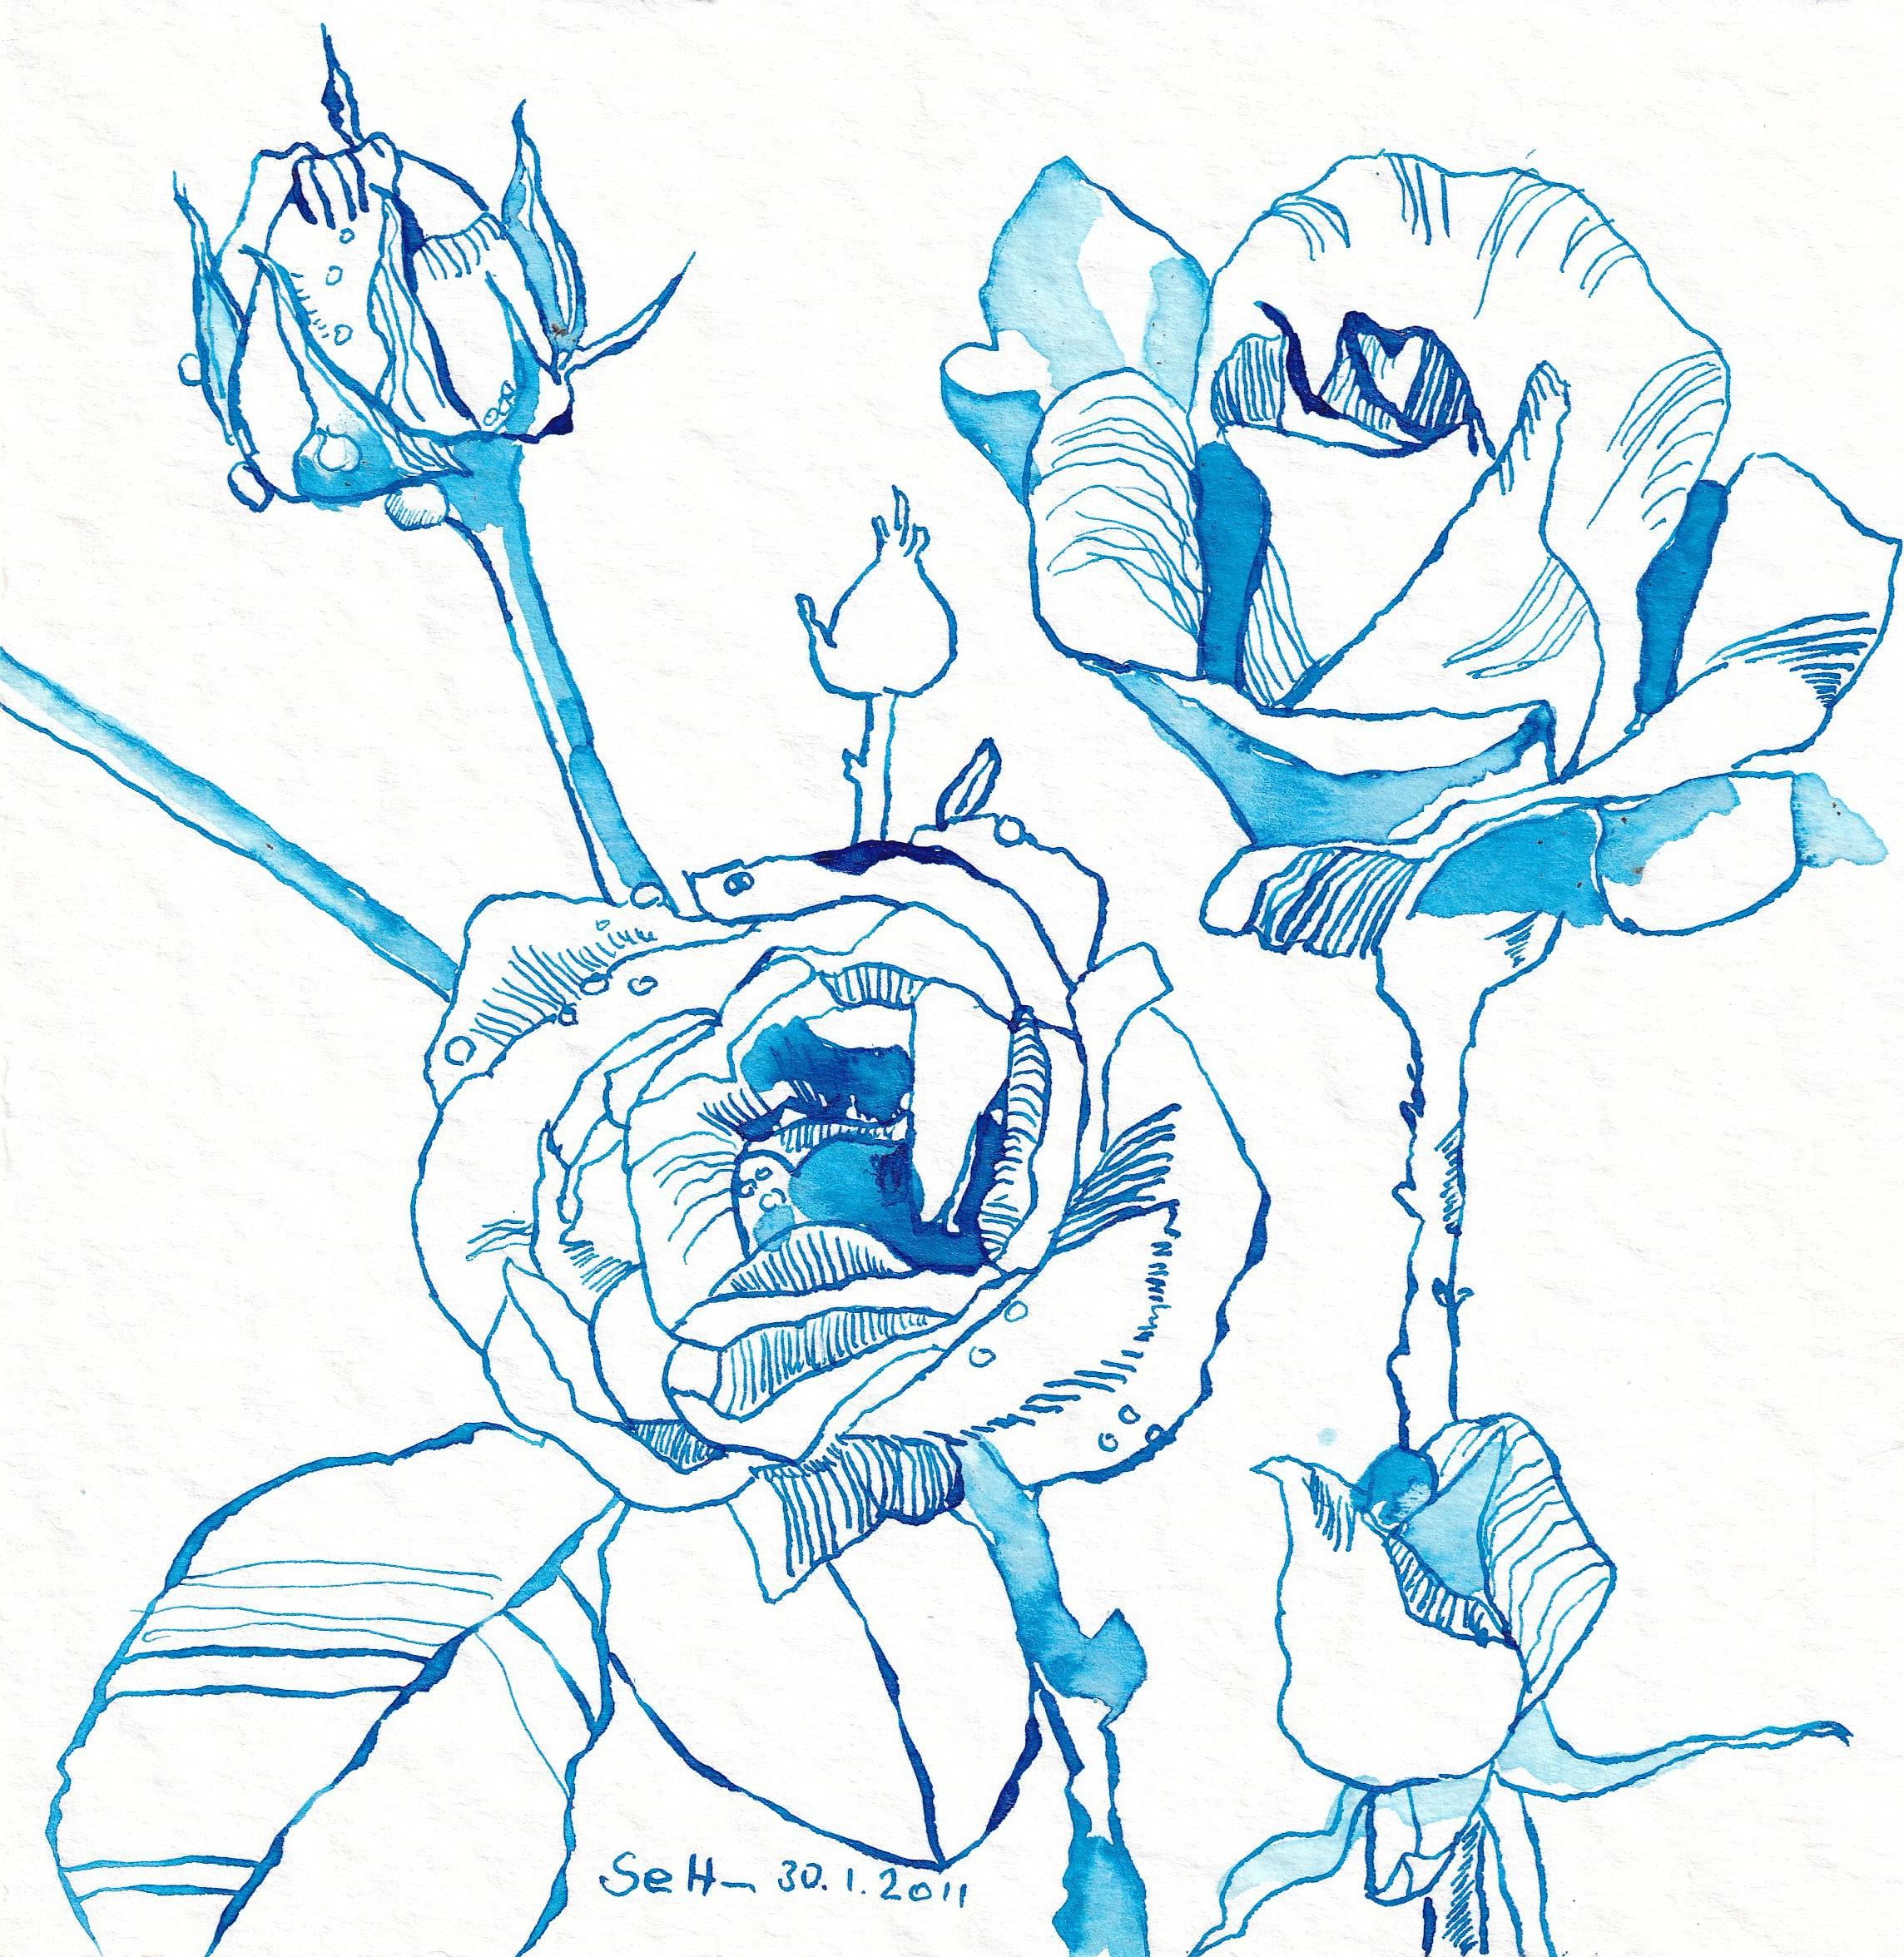 4 - Susanne Haun, Das Blau der Romantiker in einer Rose, 30.1.2011, 20 x 20 cm, Tusche auf Hahnemühle Aquarellkarton